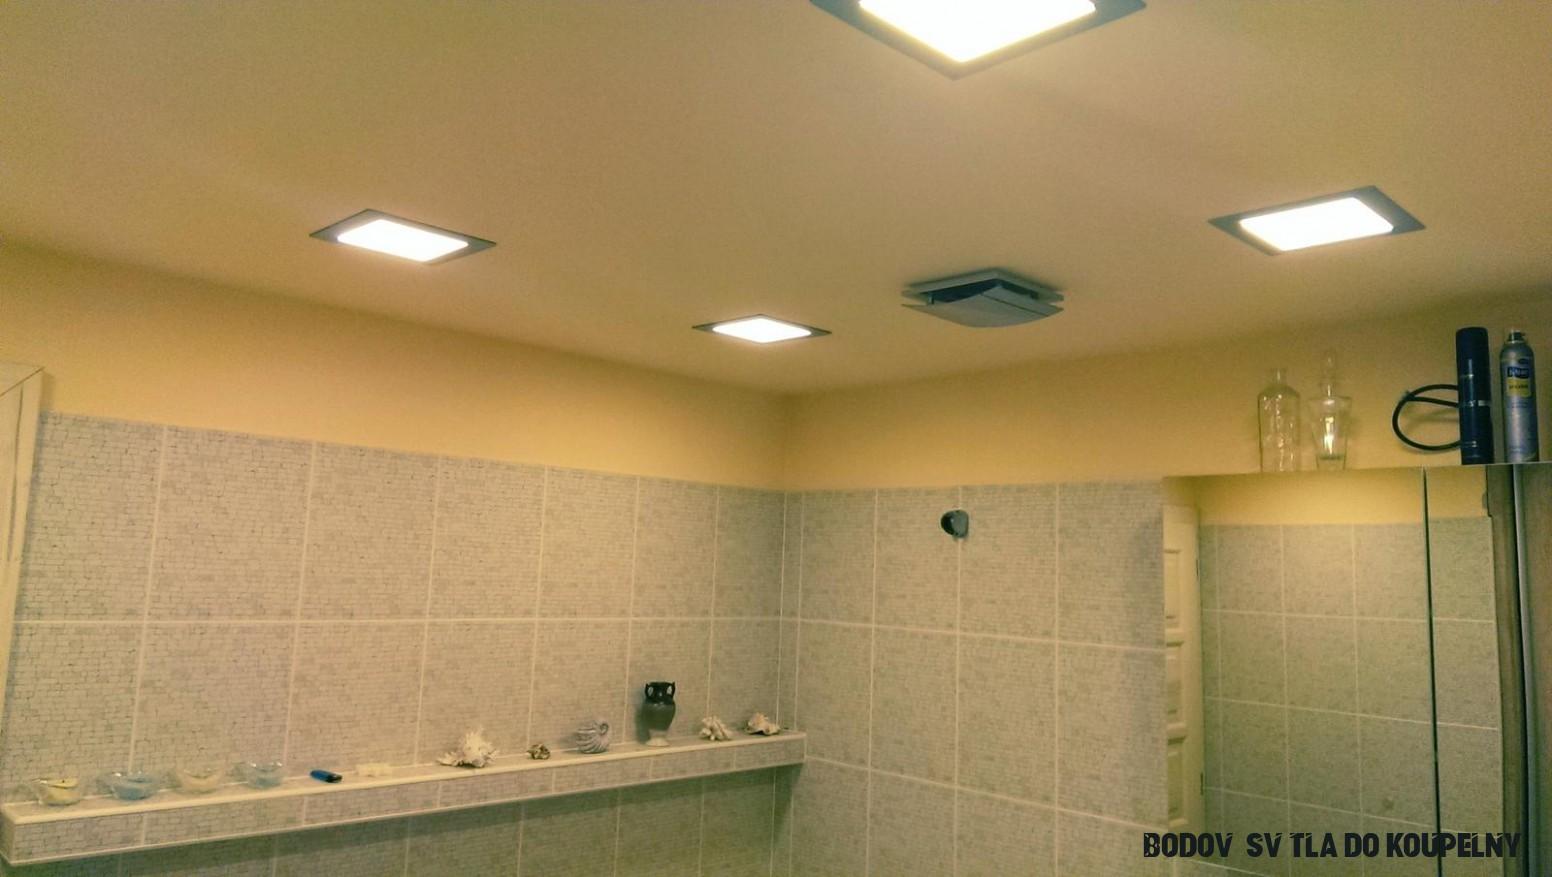 LED bodovky - stále atraktivní!  LEDsviti.cz